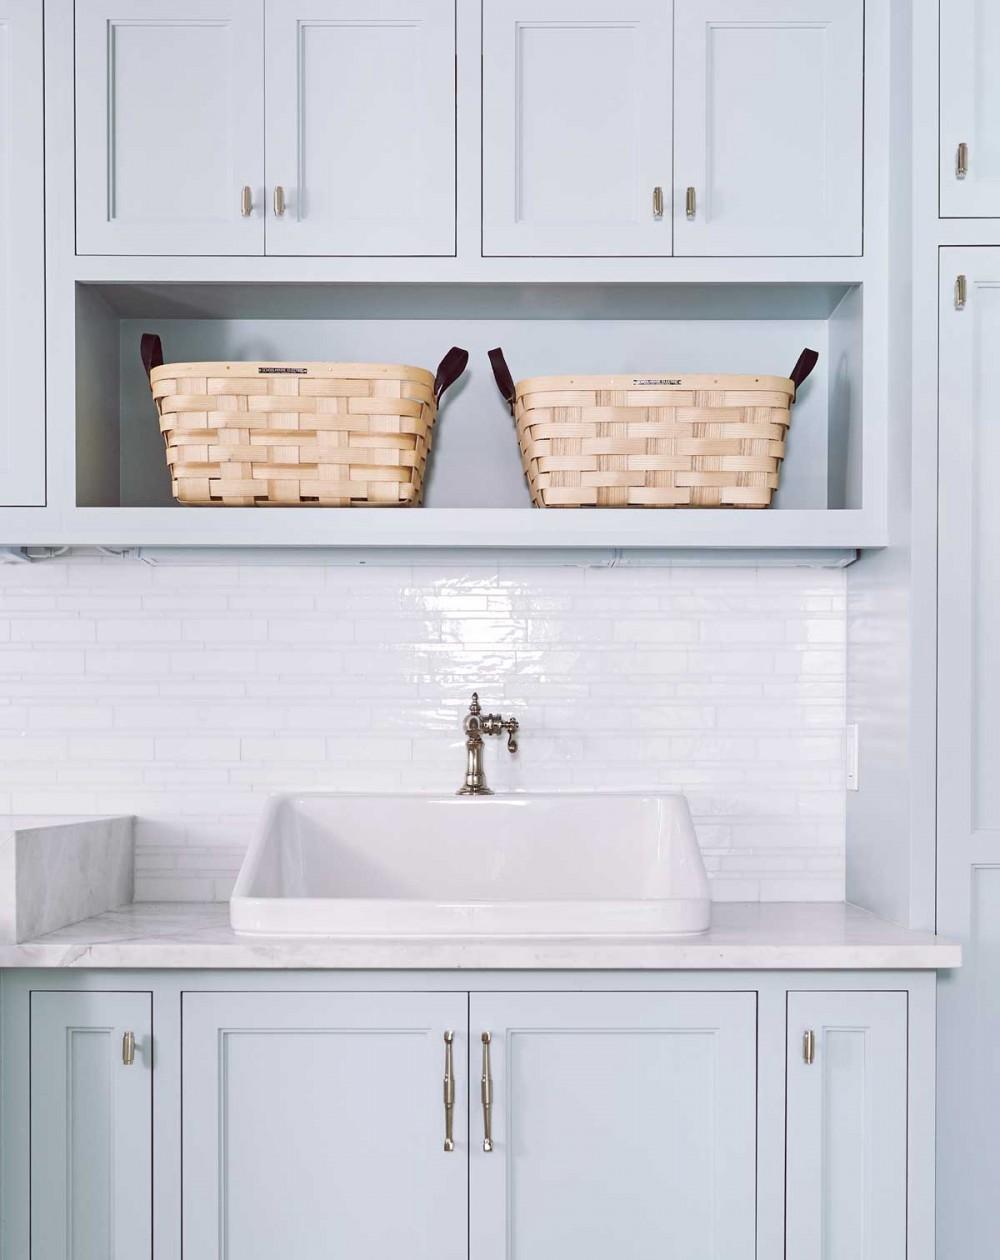 Light and Breezy Laundry Room | Kohler Ideas